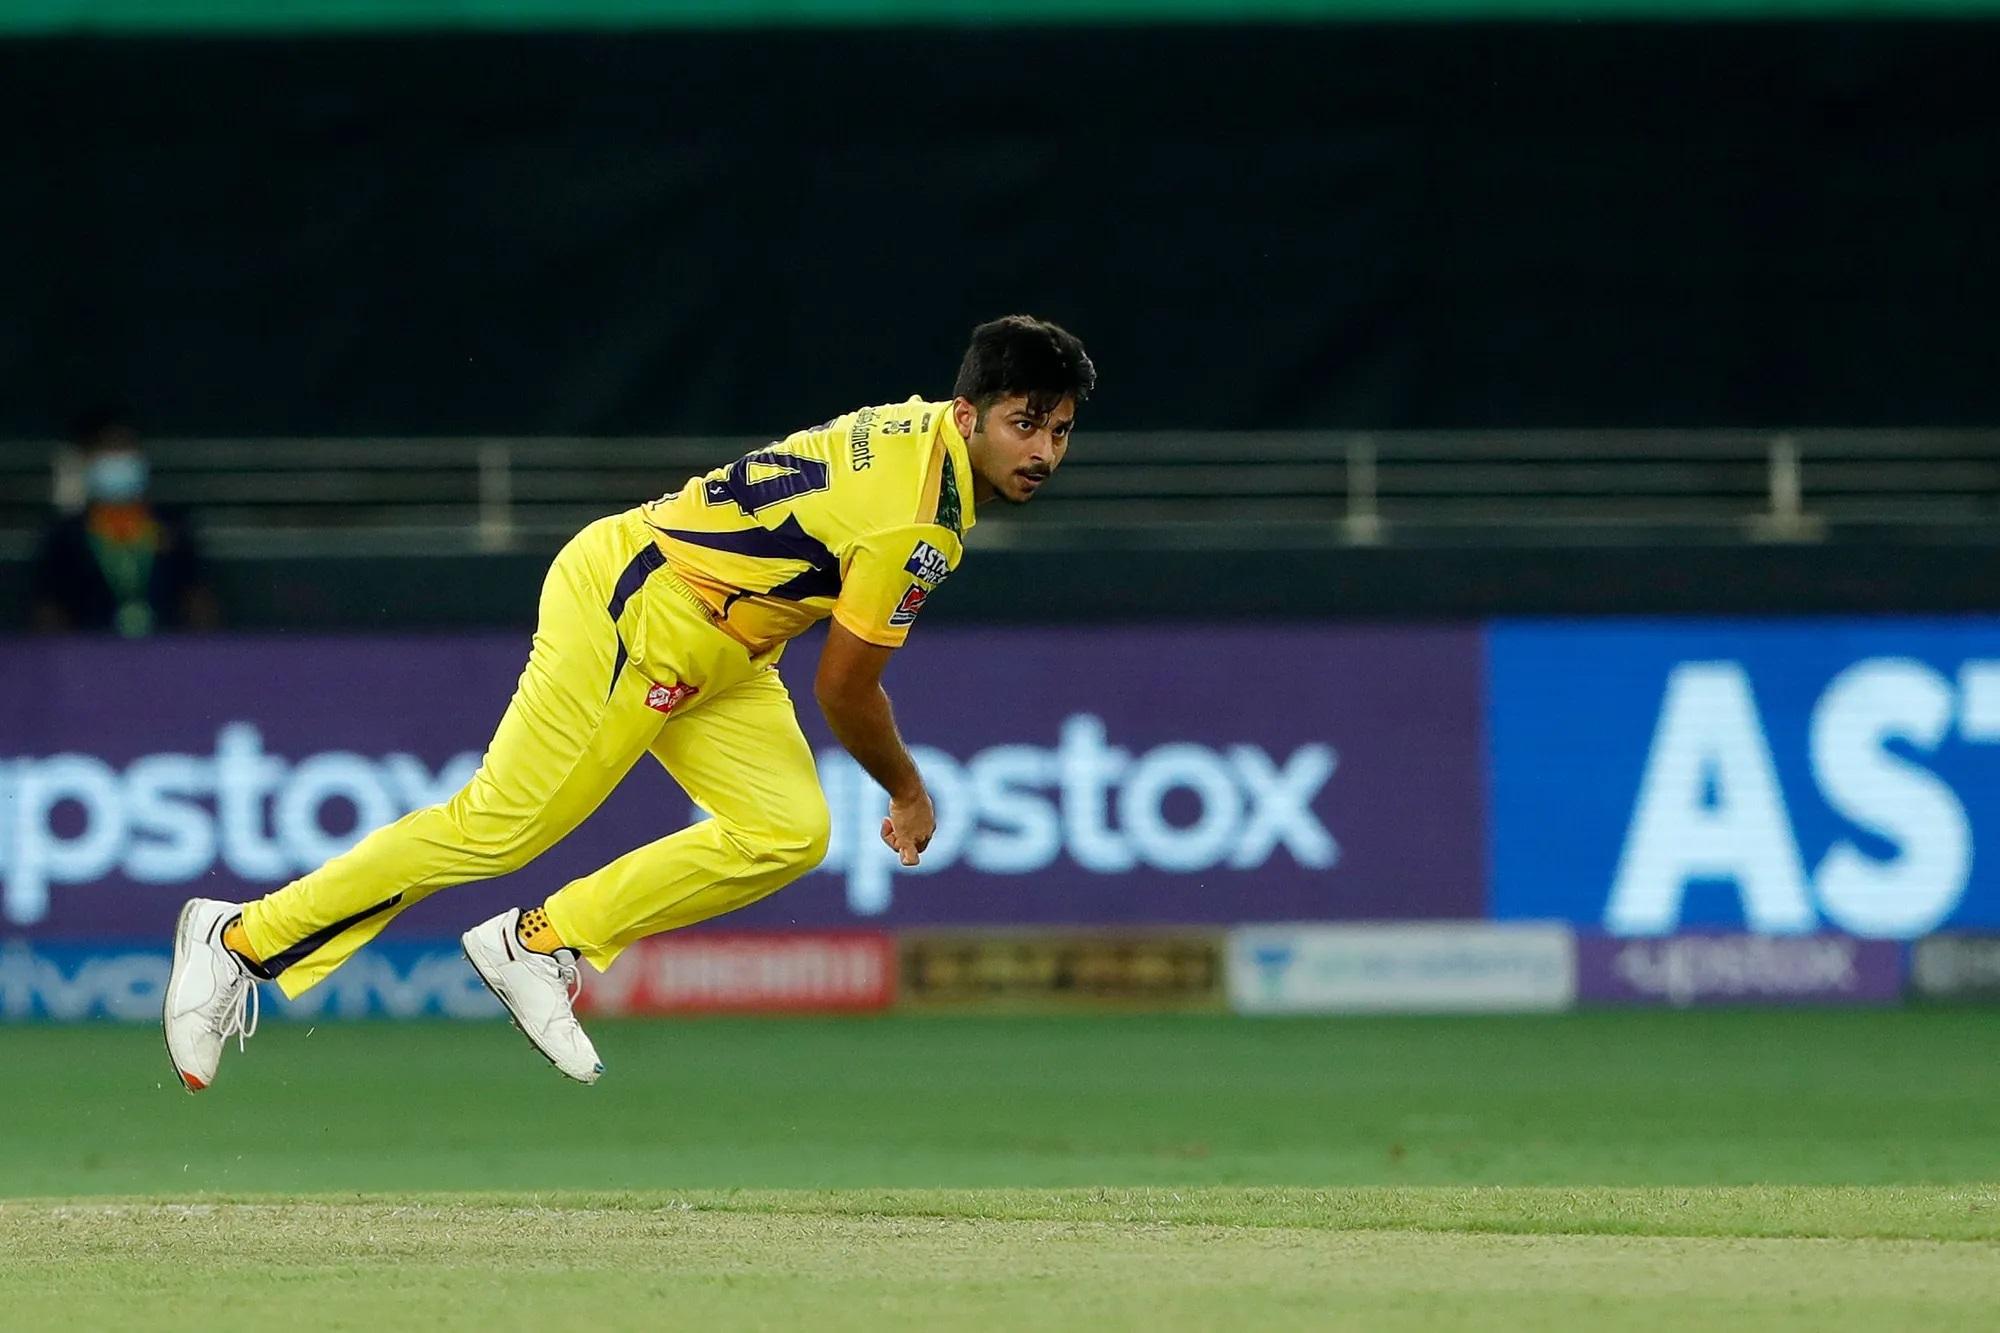 19वां ओवर फेंकने के लिए धोनी ने शार्दुल ठाकुर को बुलाया। 4 गेंदें ठीक फेंकने वाले शार्दूल की लाइनलेंथ आखिर में बिगड़ गई। उन्होंने दो वाइड गेंद फेंकी।